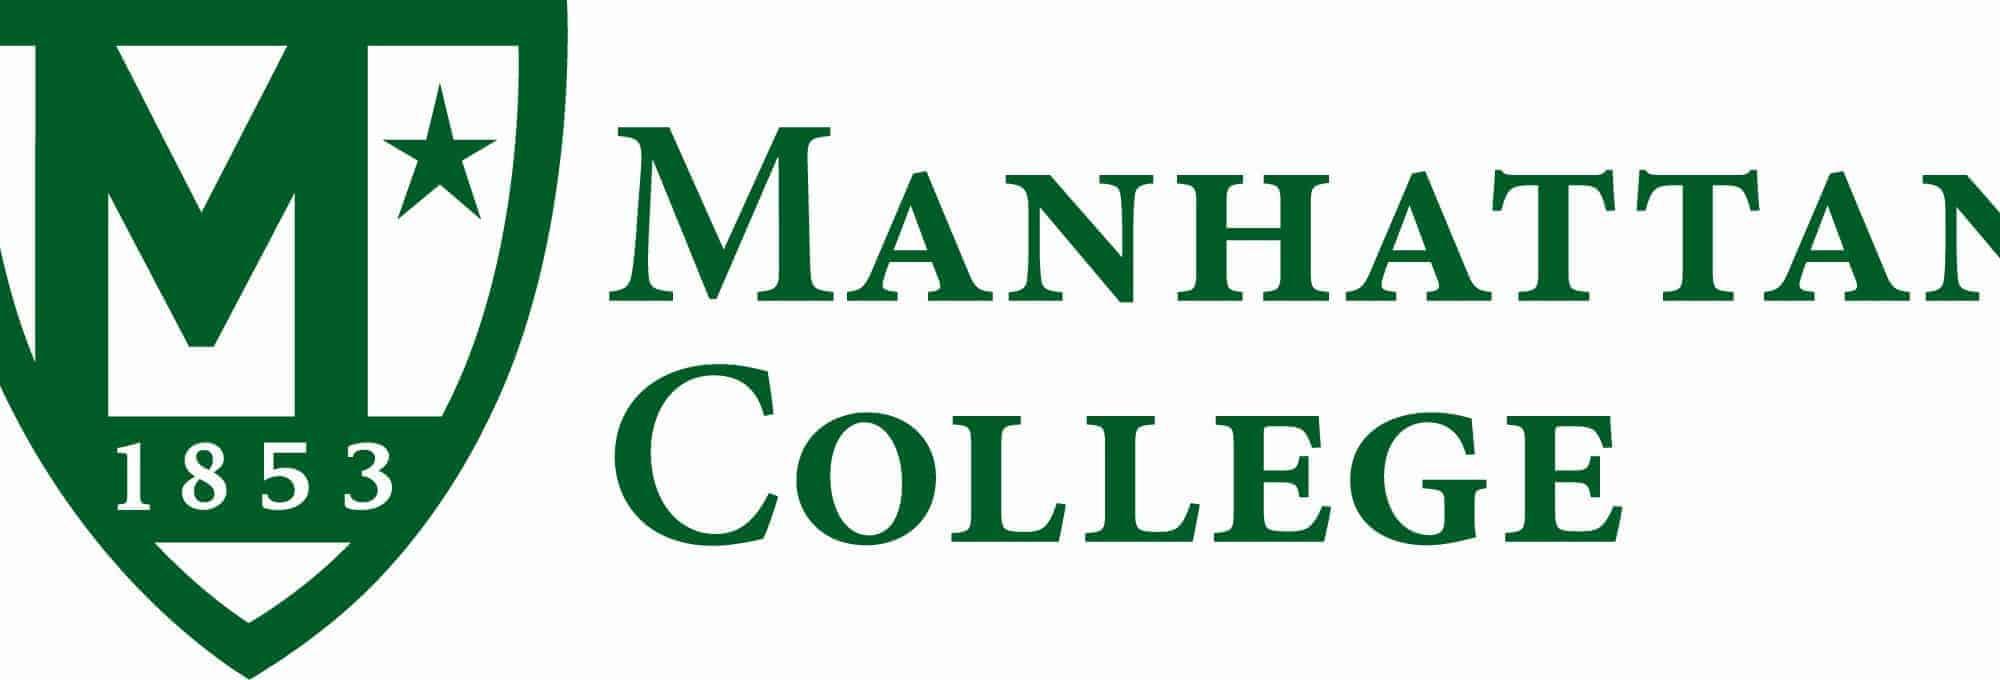 manhattan college logo 7296